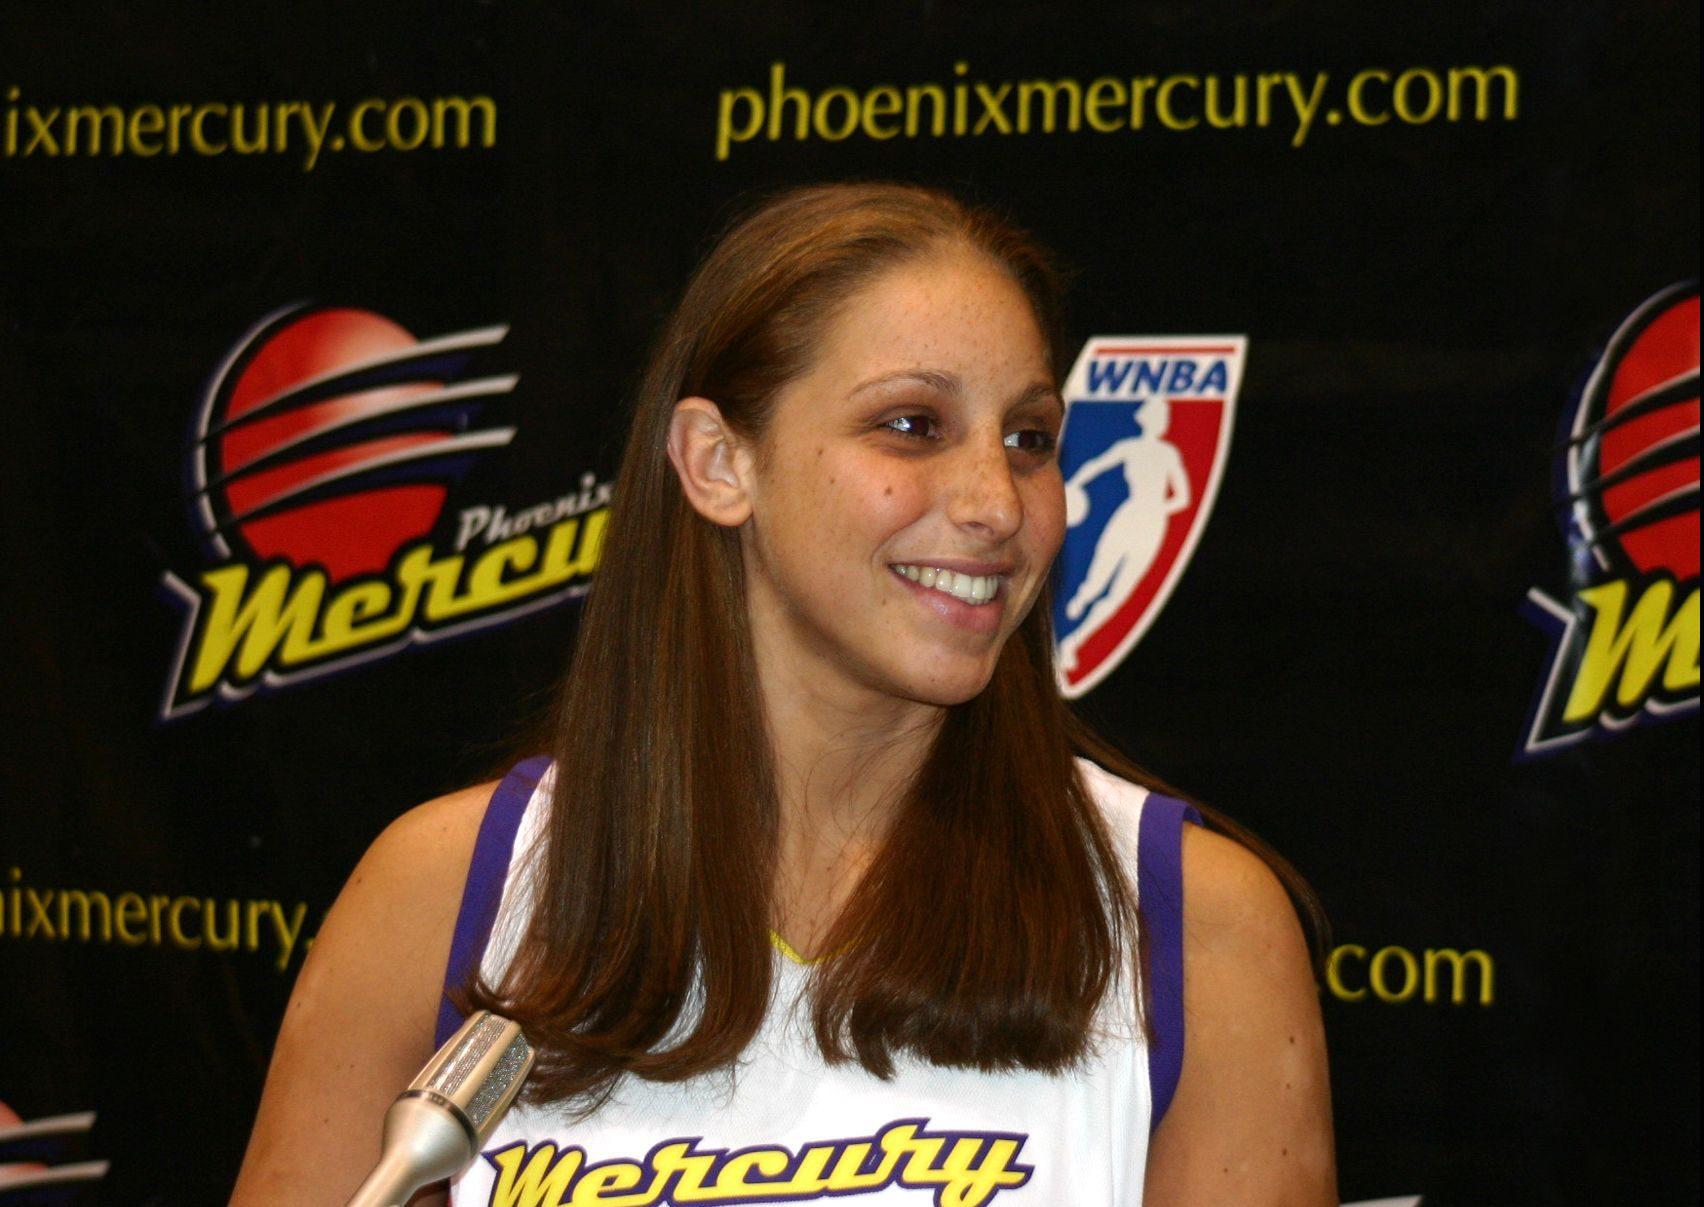 La llegada de Diana Taurasi a la WNBA